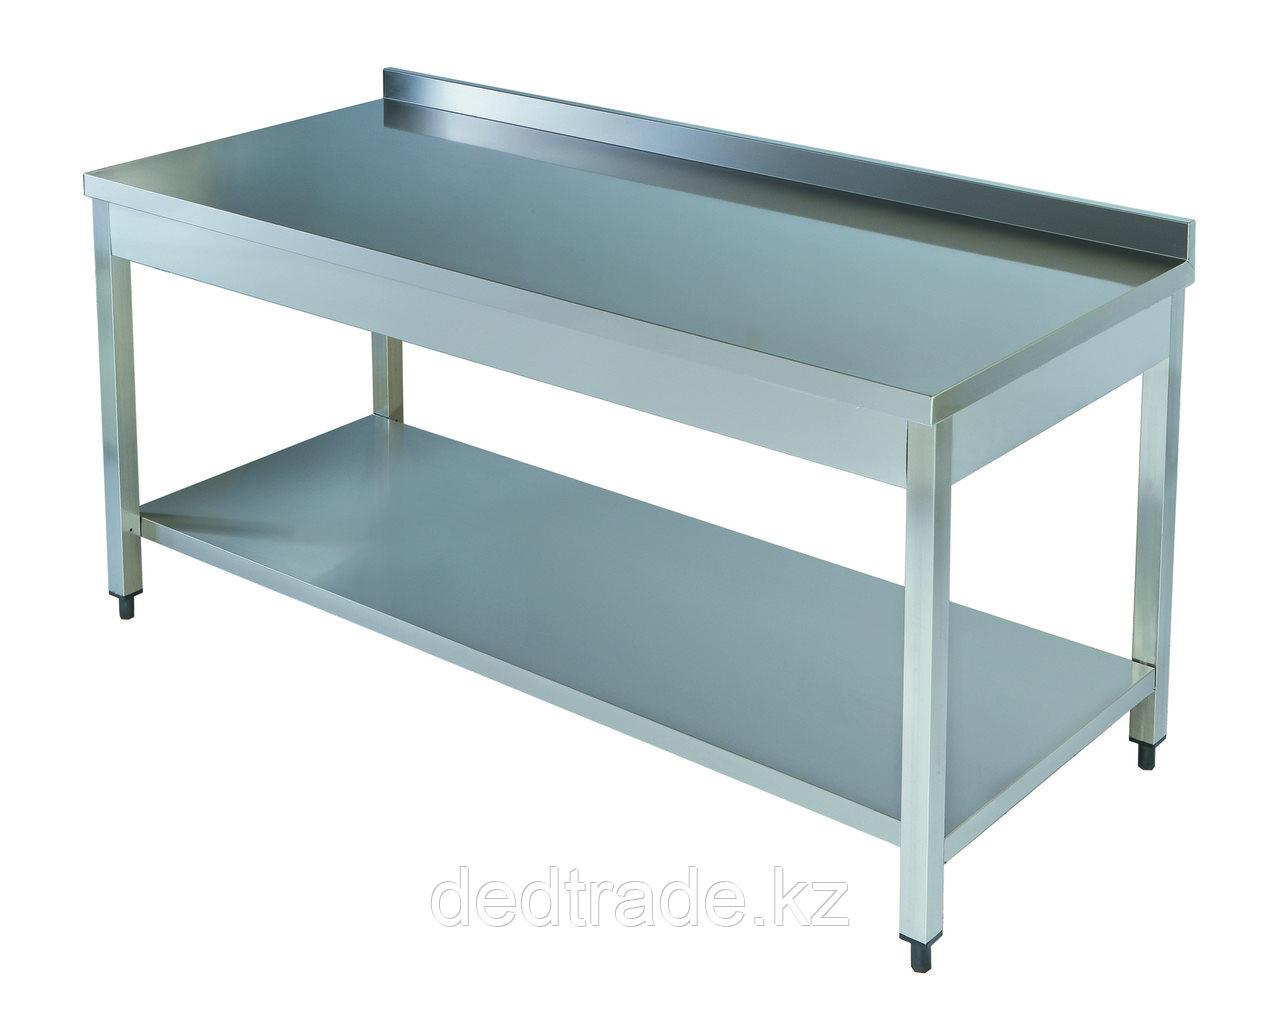 Рабочий стол с полкой нержавеющая сталь Размеры 1800*700*850 мм